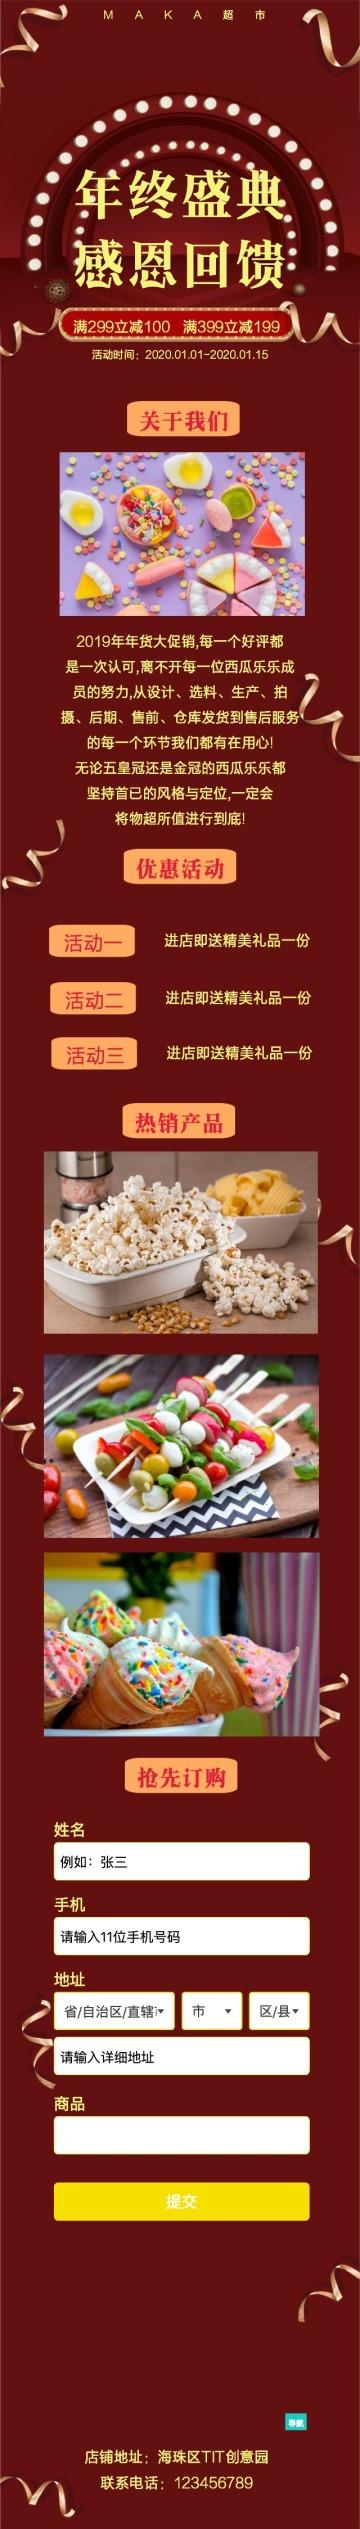 简约大气红色春节百货零售年货促销推广介绍单页